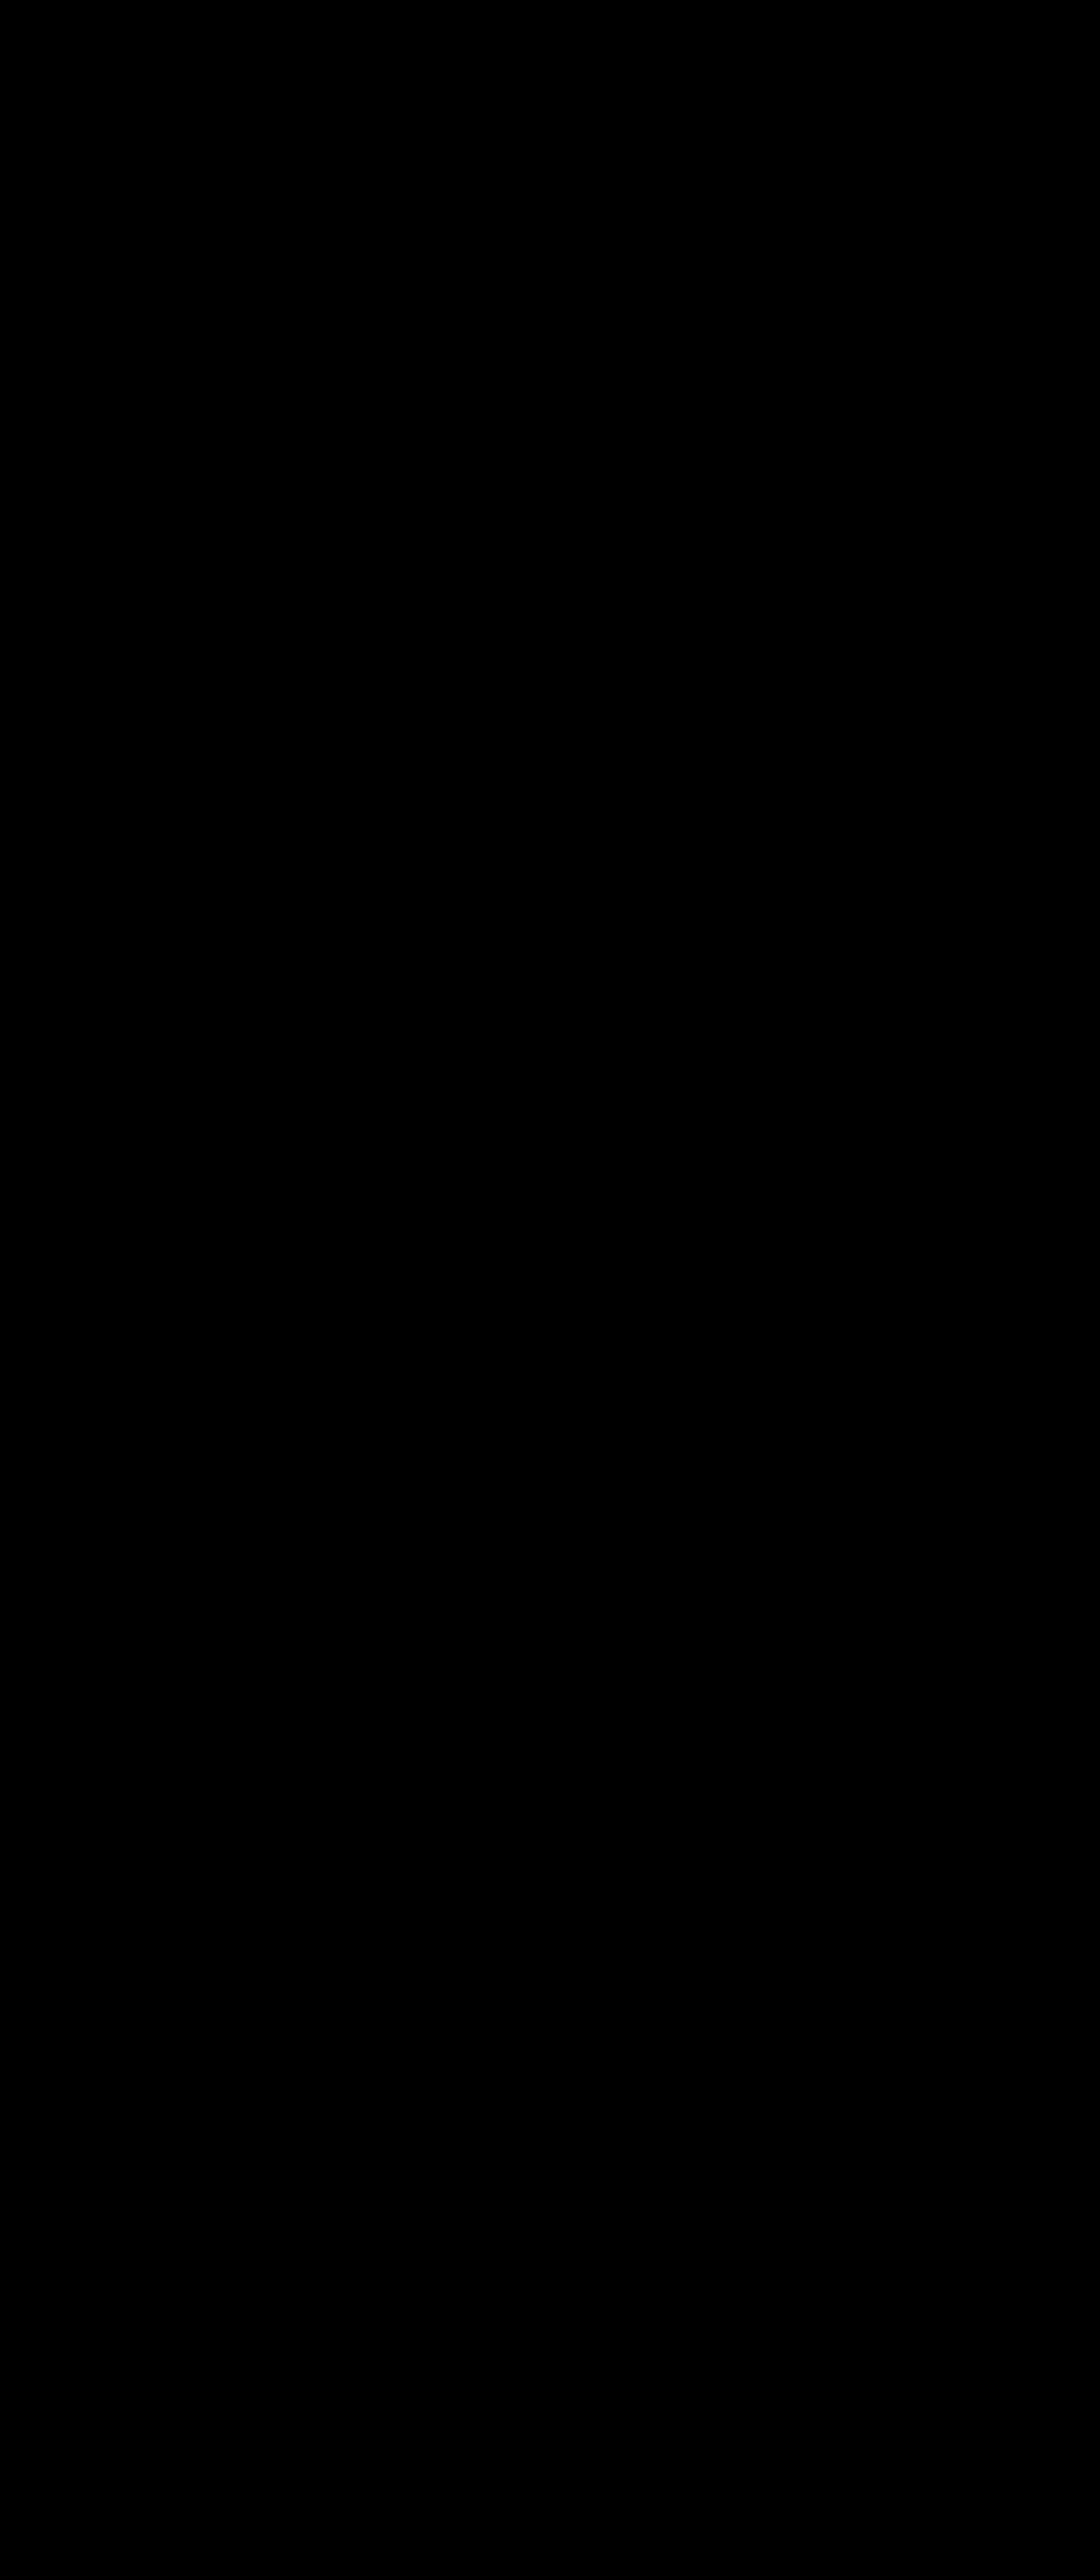 ESPAÑOL MÁS VIVO, EL:  300 RECOMENDACIONES